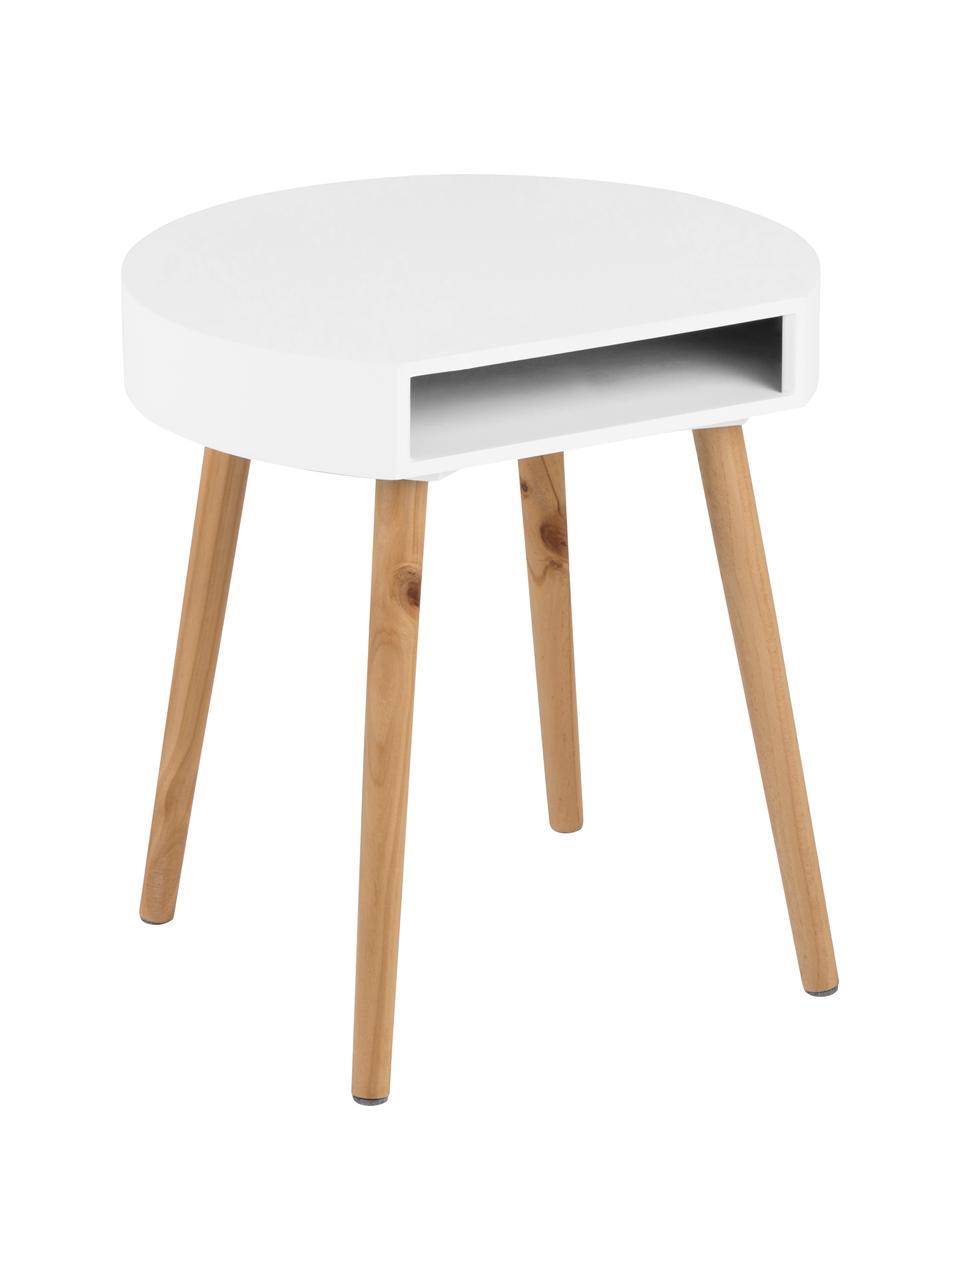 Tavolino con contenitore Ela, Legno verniciato, Bianco, legno, Larg. 40 x Prof. 36 cm